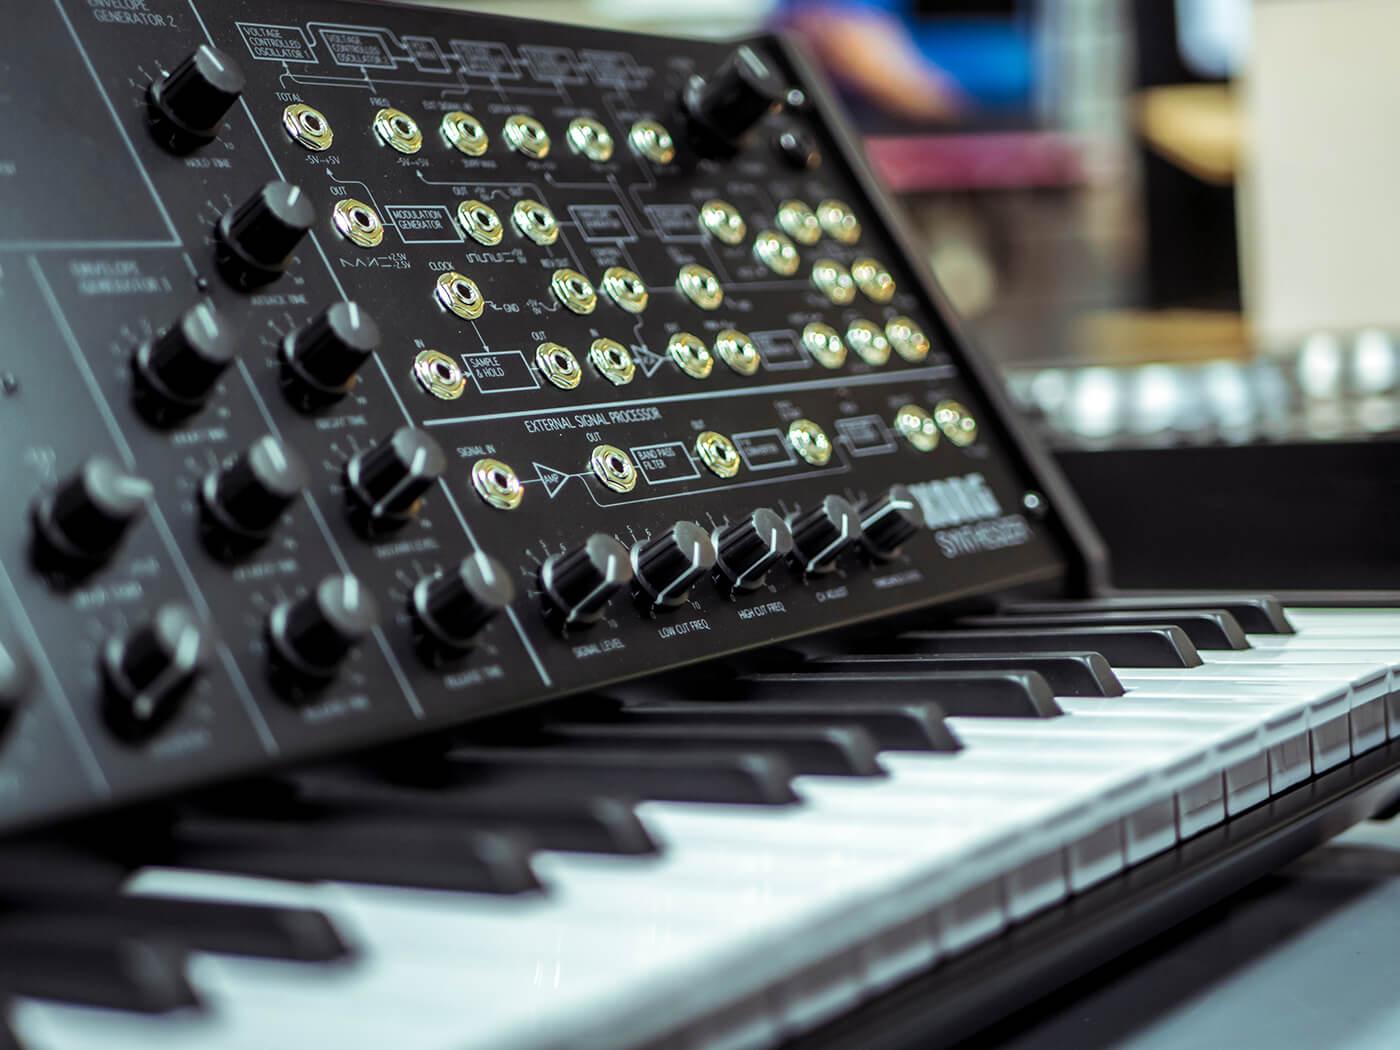 analogue synthesizer keyboard